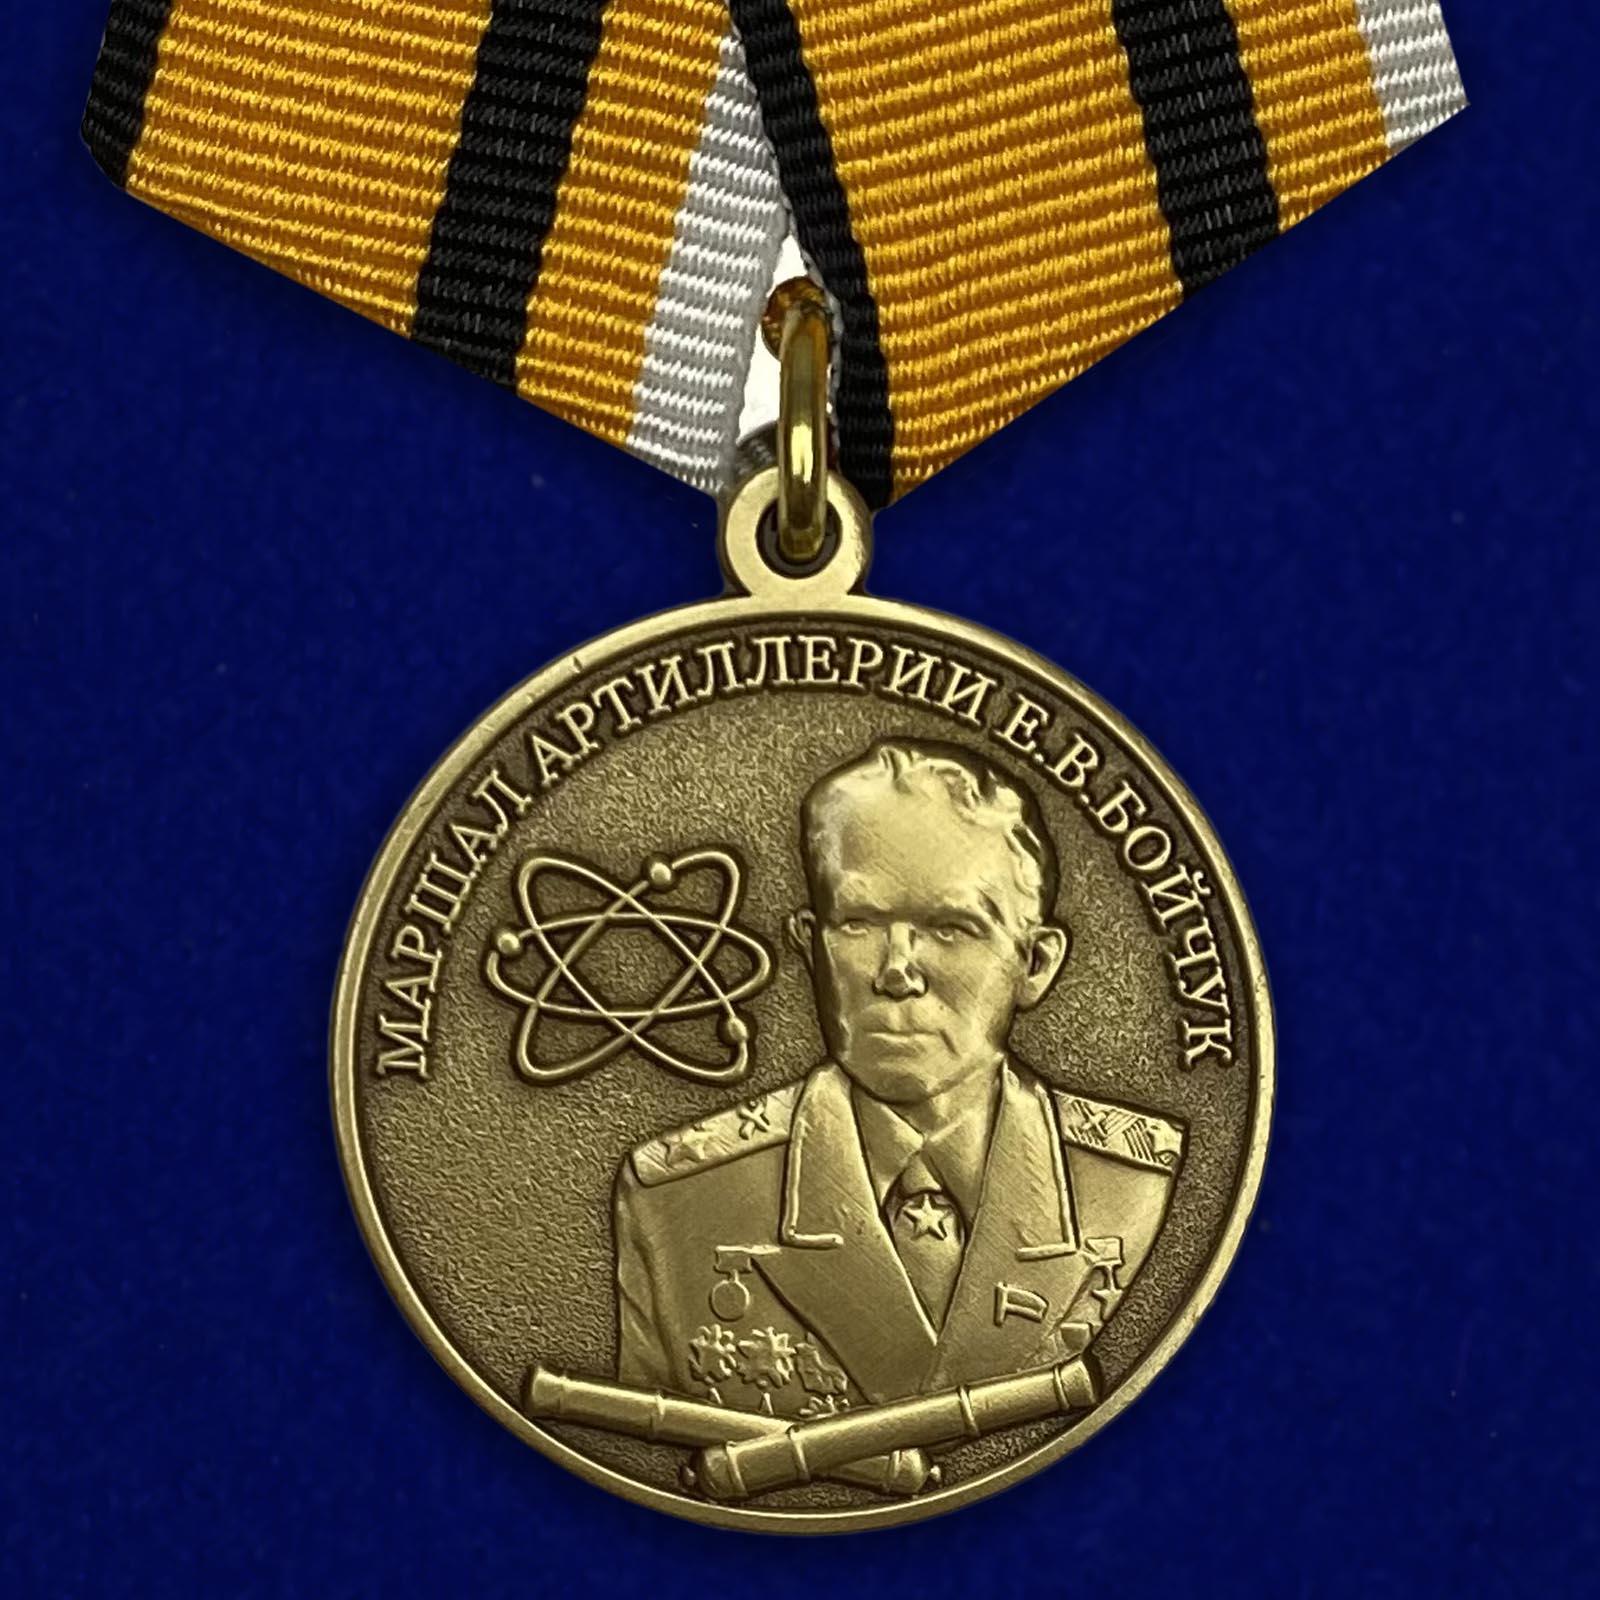 Купить медаль Маршал Бойчук МО РФ на подставке с доставкой